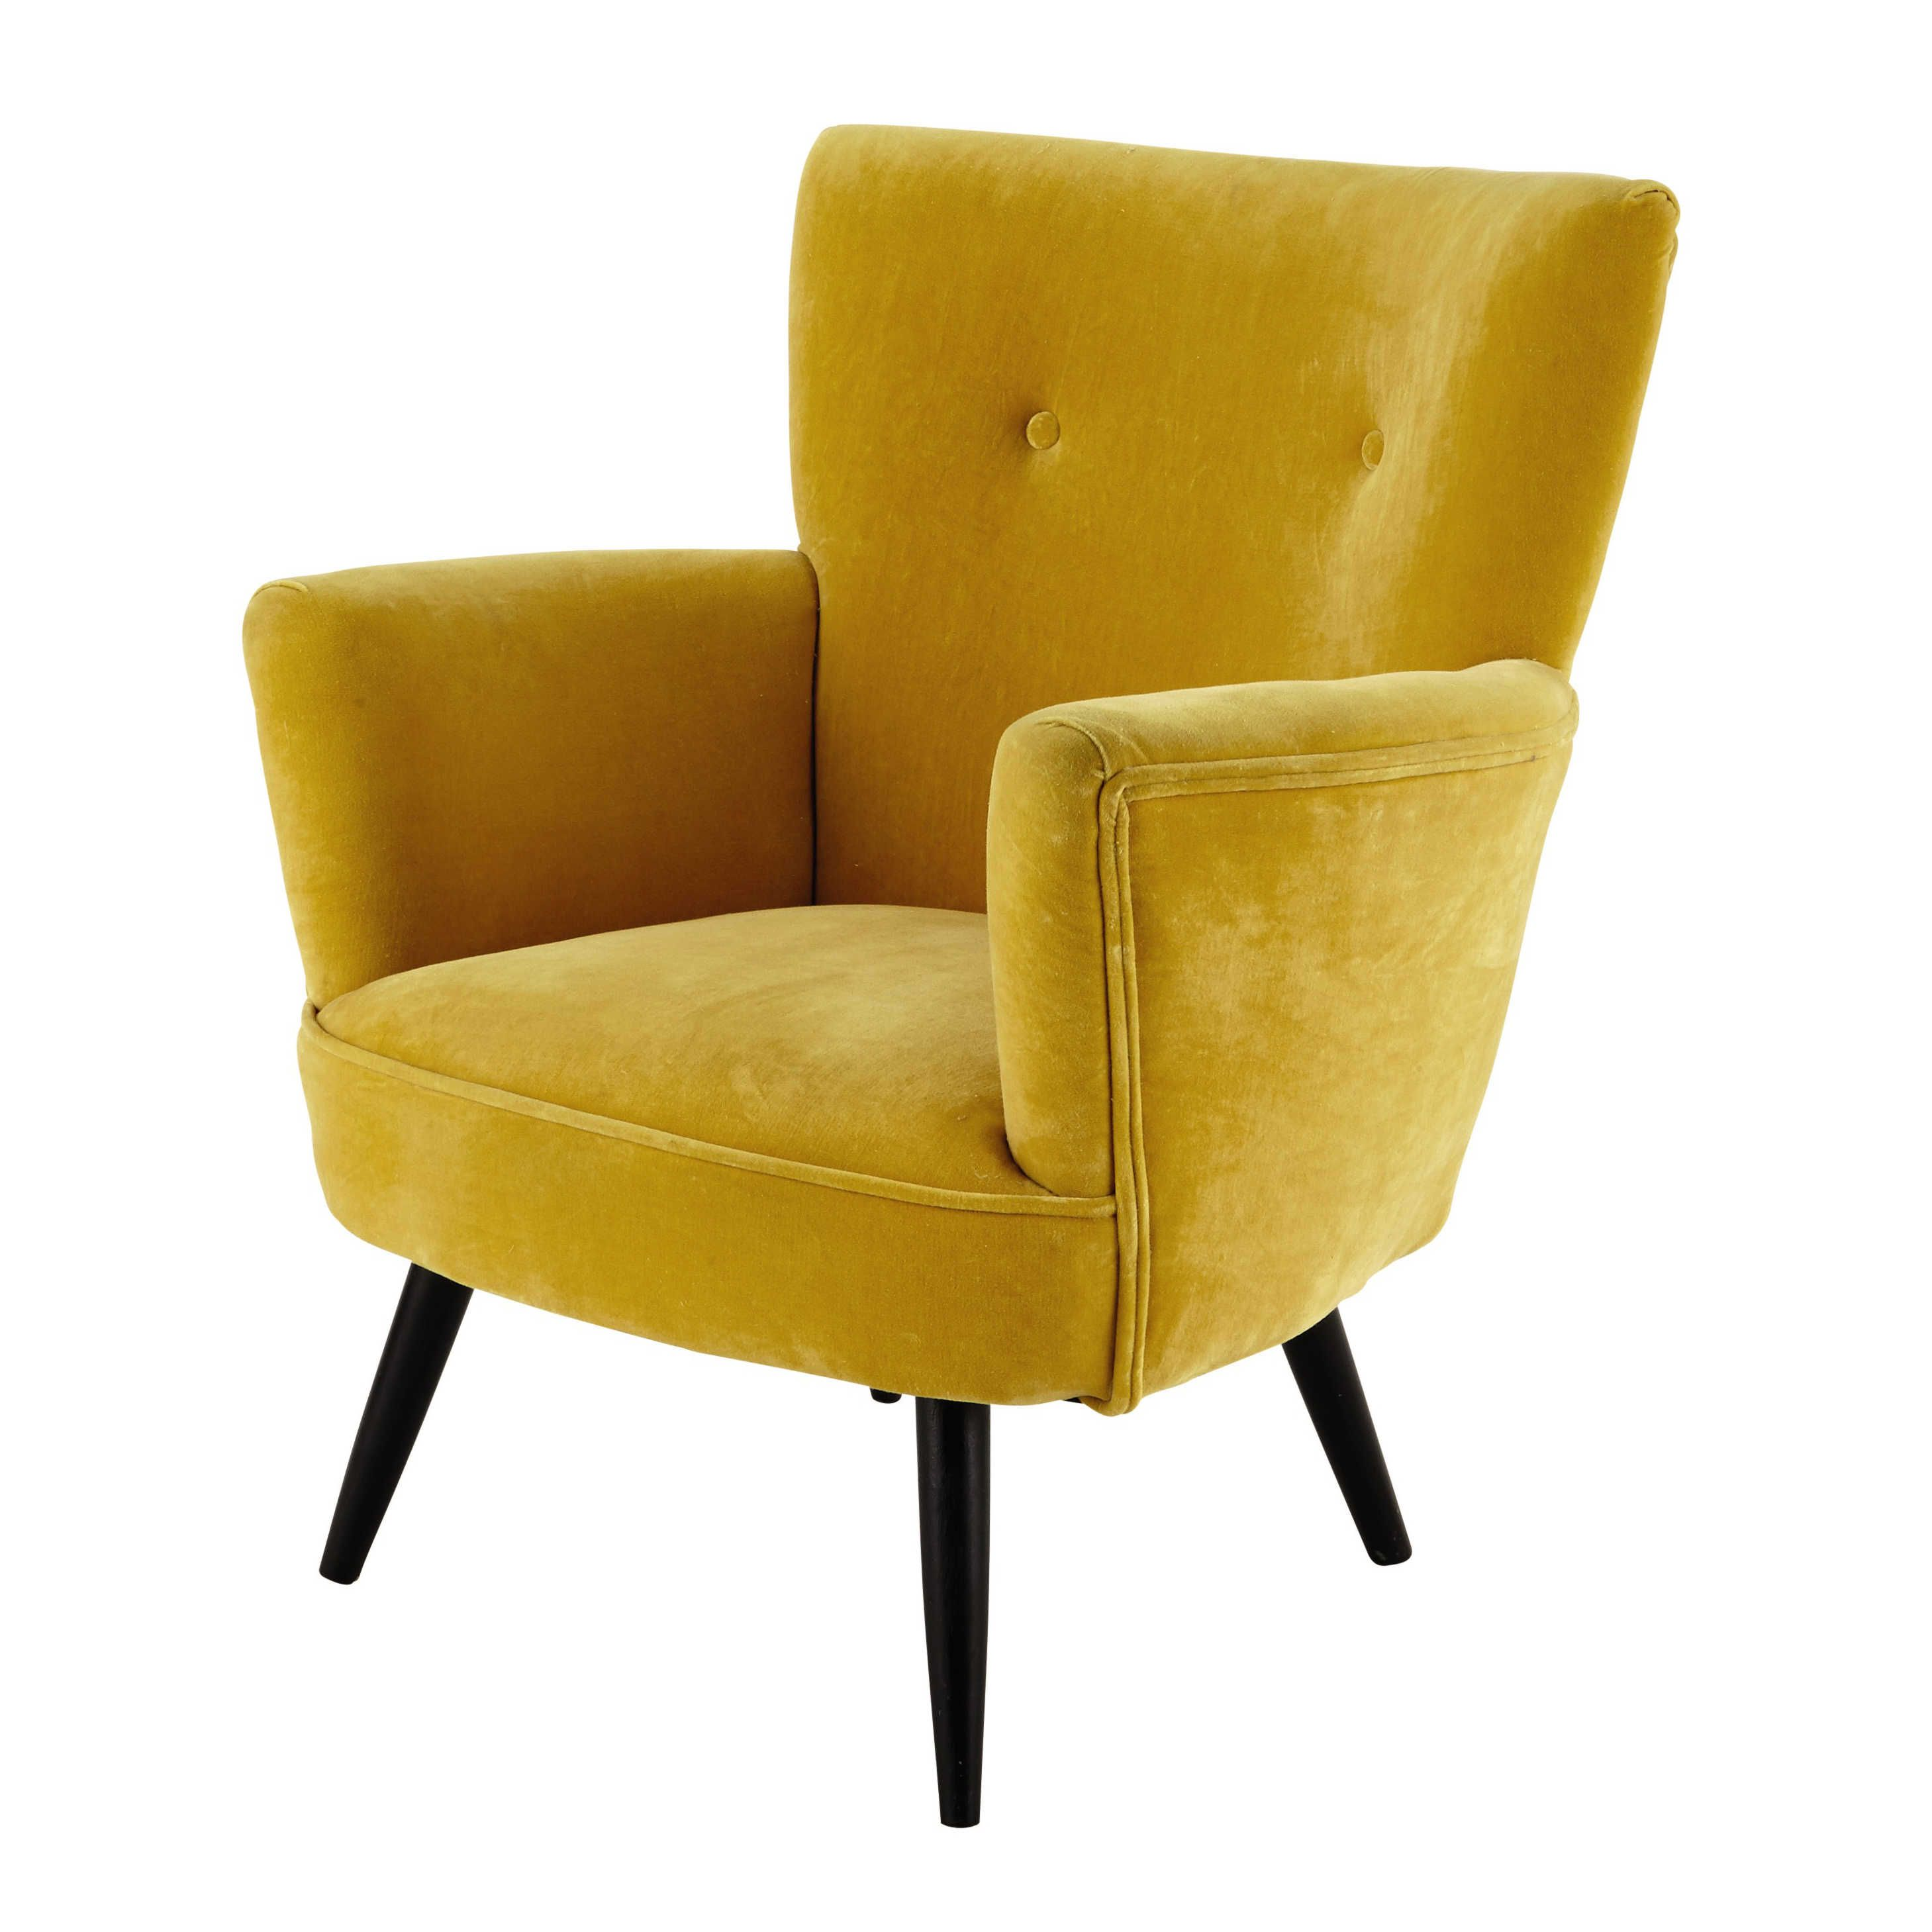 fauteuil en velours jaune sao paulo maisons du monde. Black Bedroom Furniture Sets. Home Design Ideas